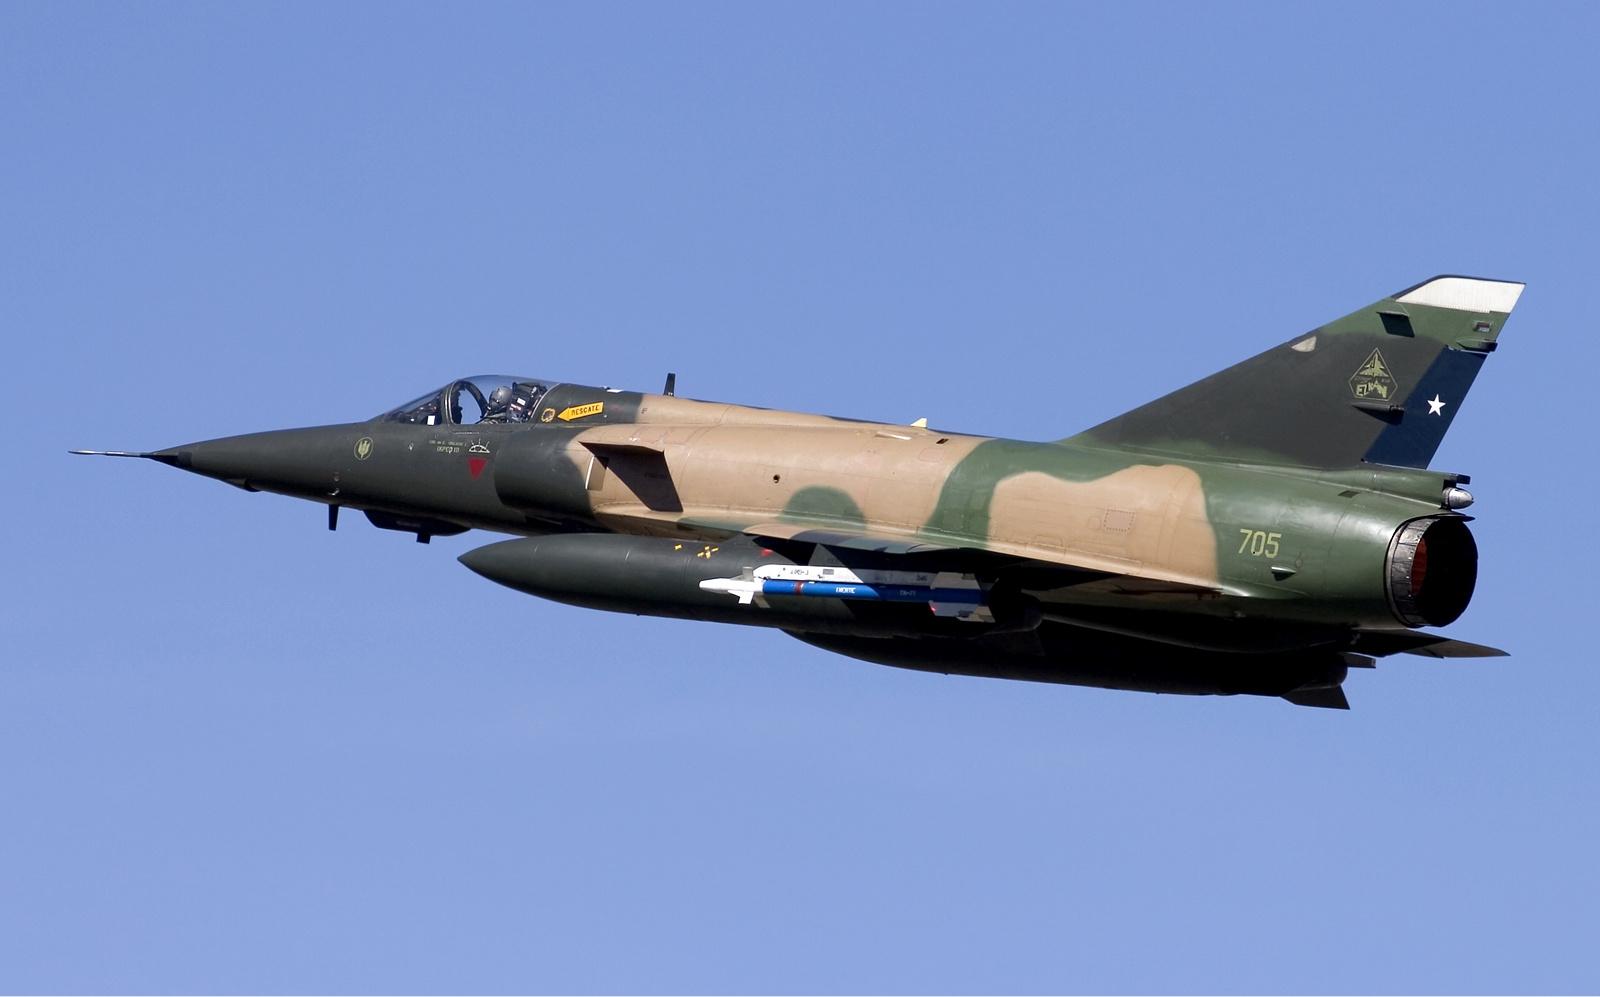 Dassault Mirage 5 Wikipedia